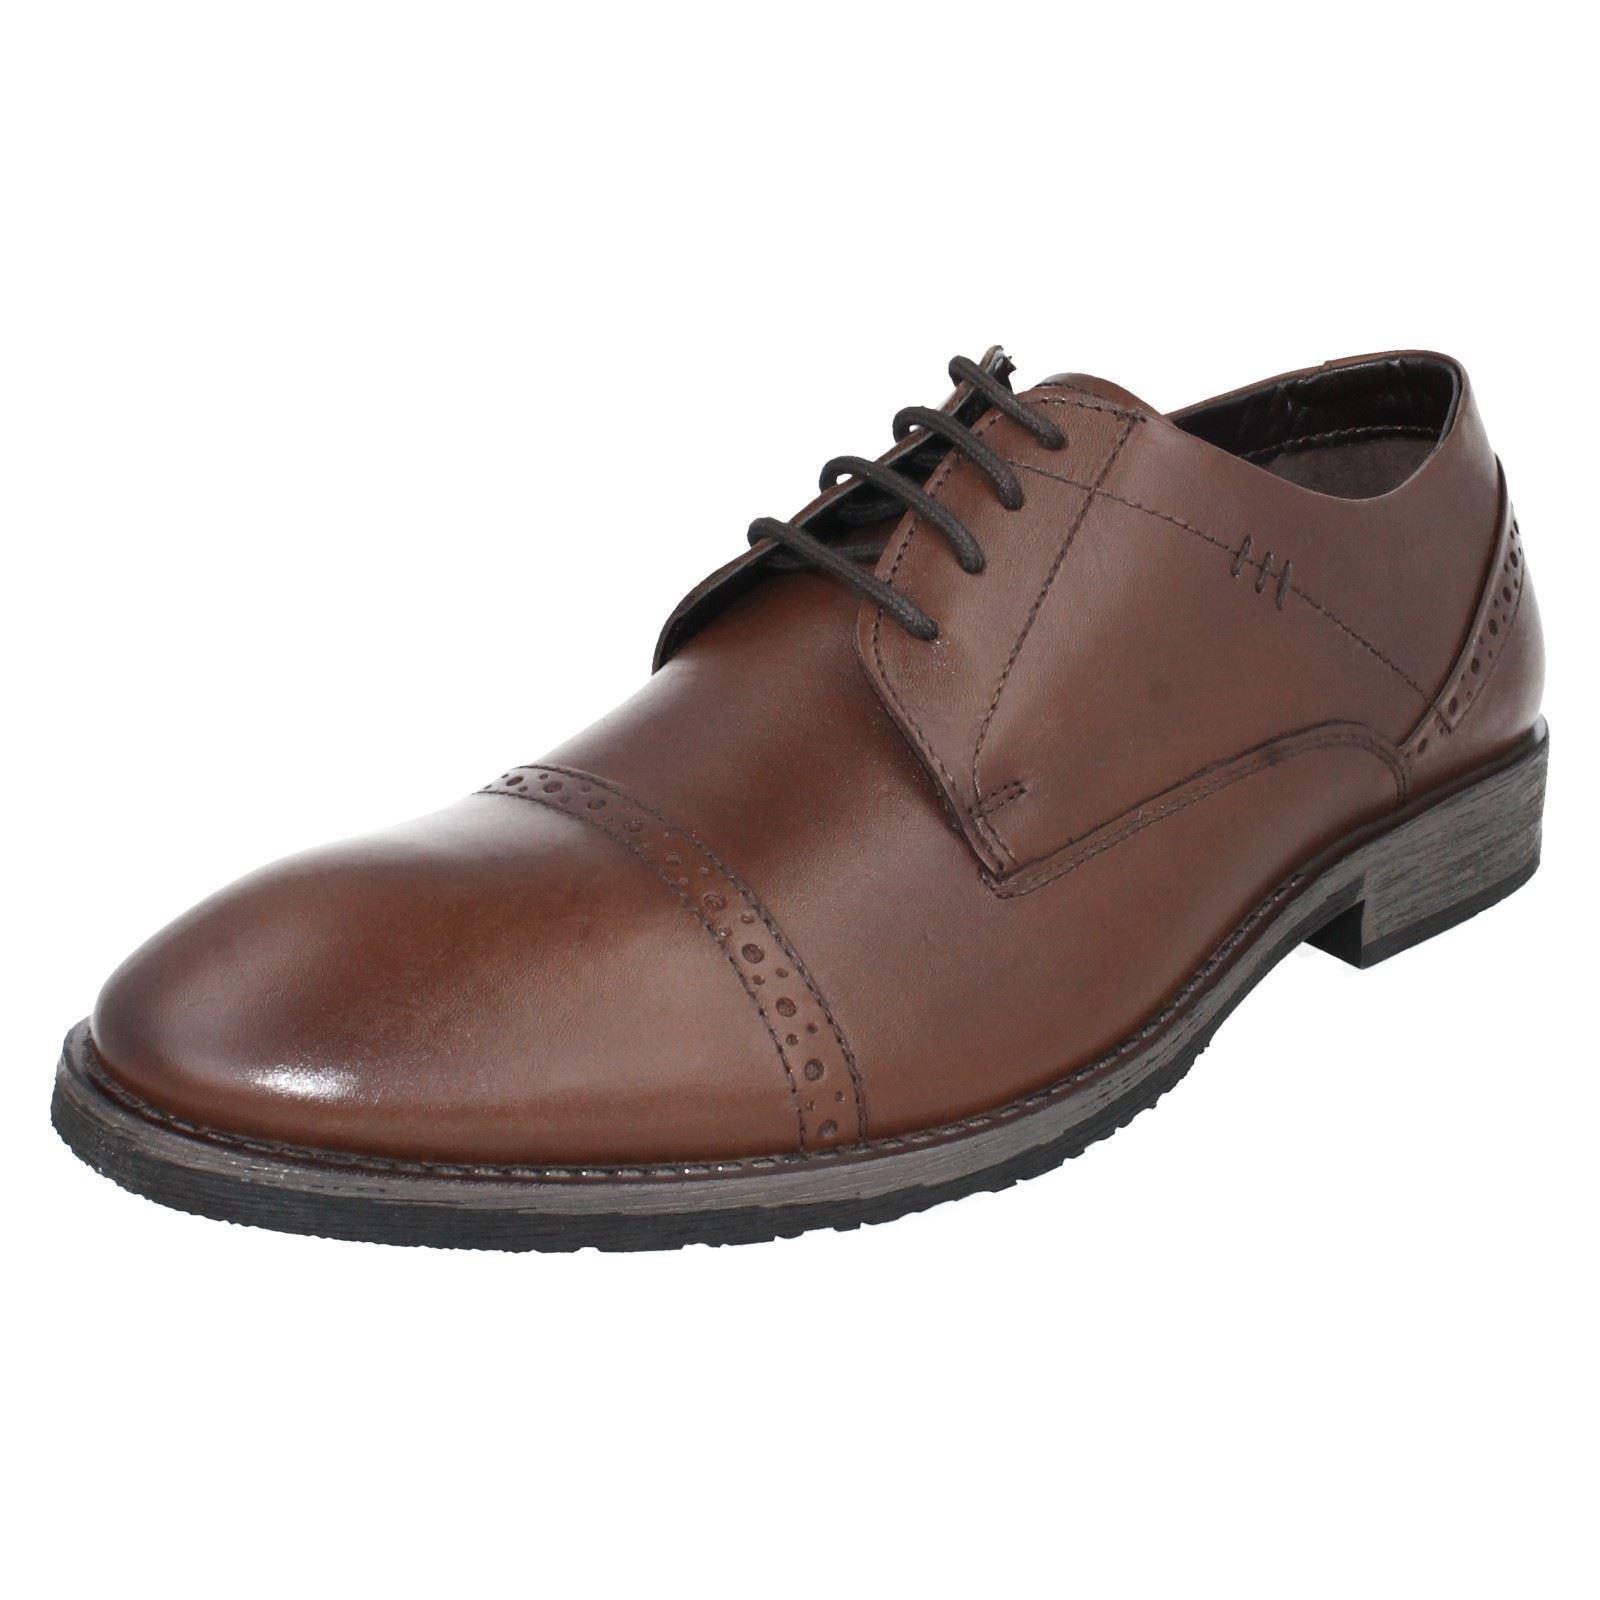 Los últimos zapatos de descuento para hombres y mujeres Hombre Craig Luganda Cuero Con Cordones Zapatos de Hush Puppies